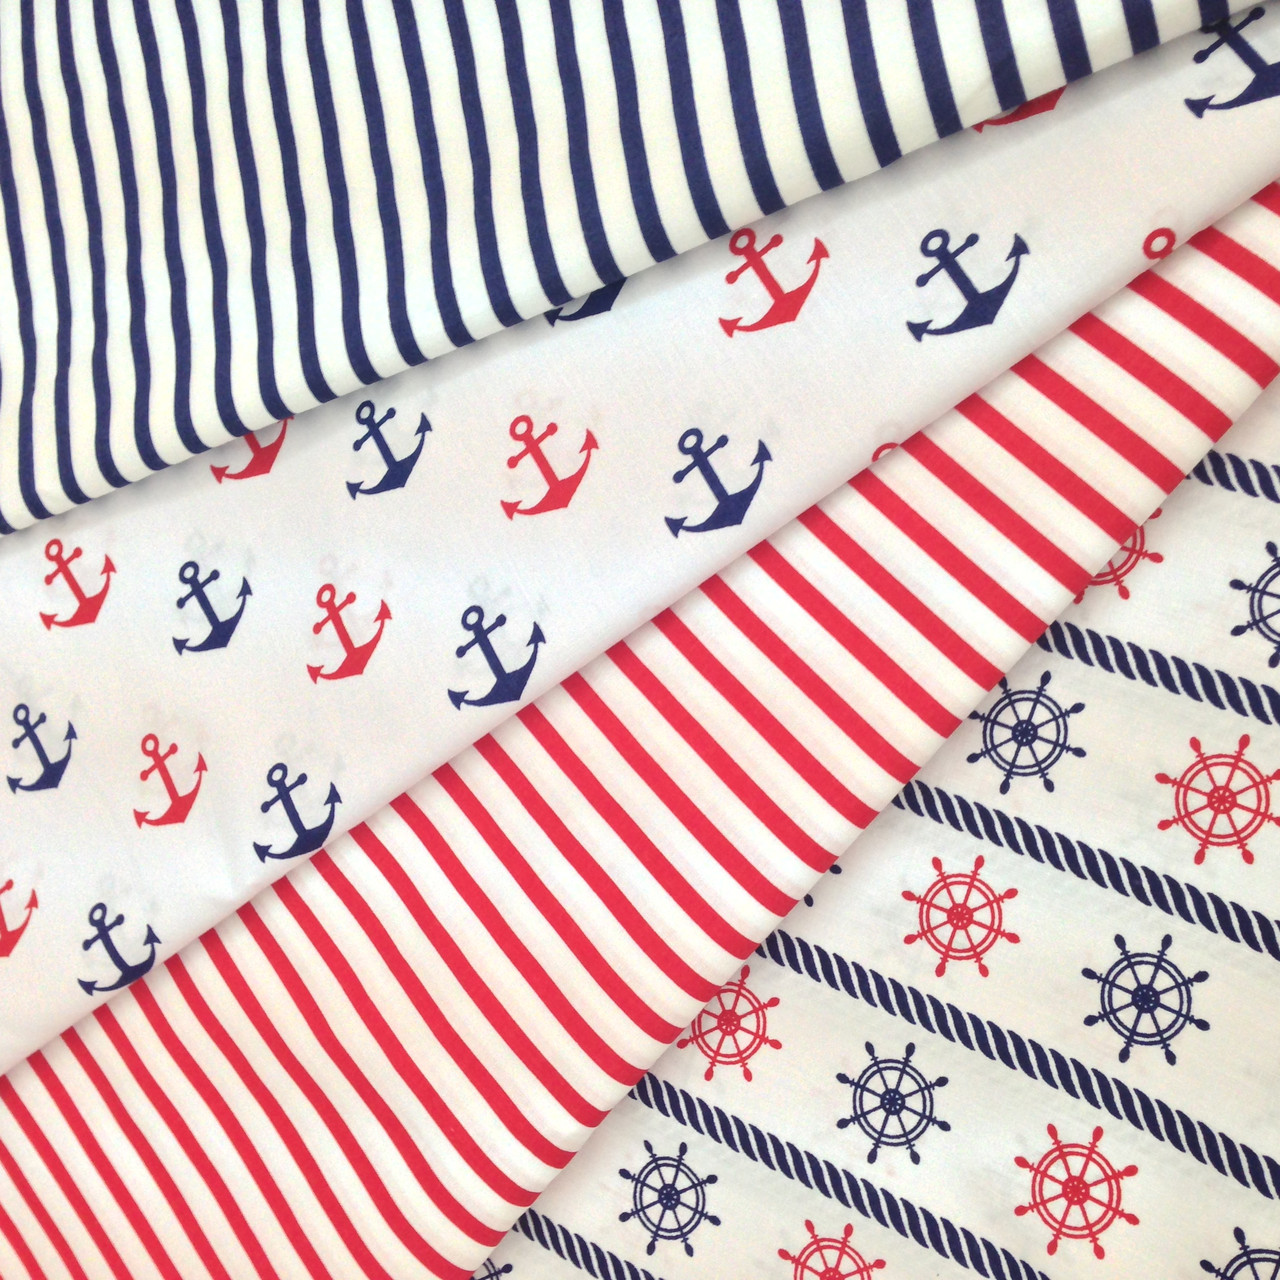 Хлопковая ткань цветная (ткани компаньоны только для примера, не для заказа)